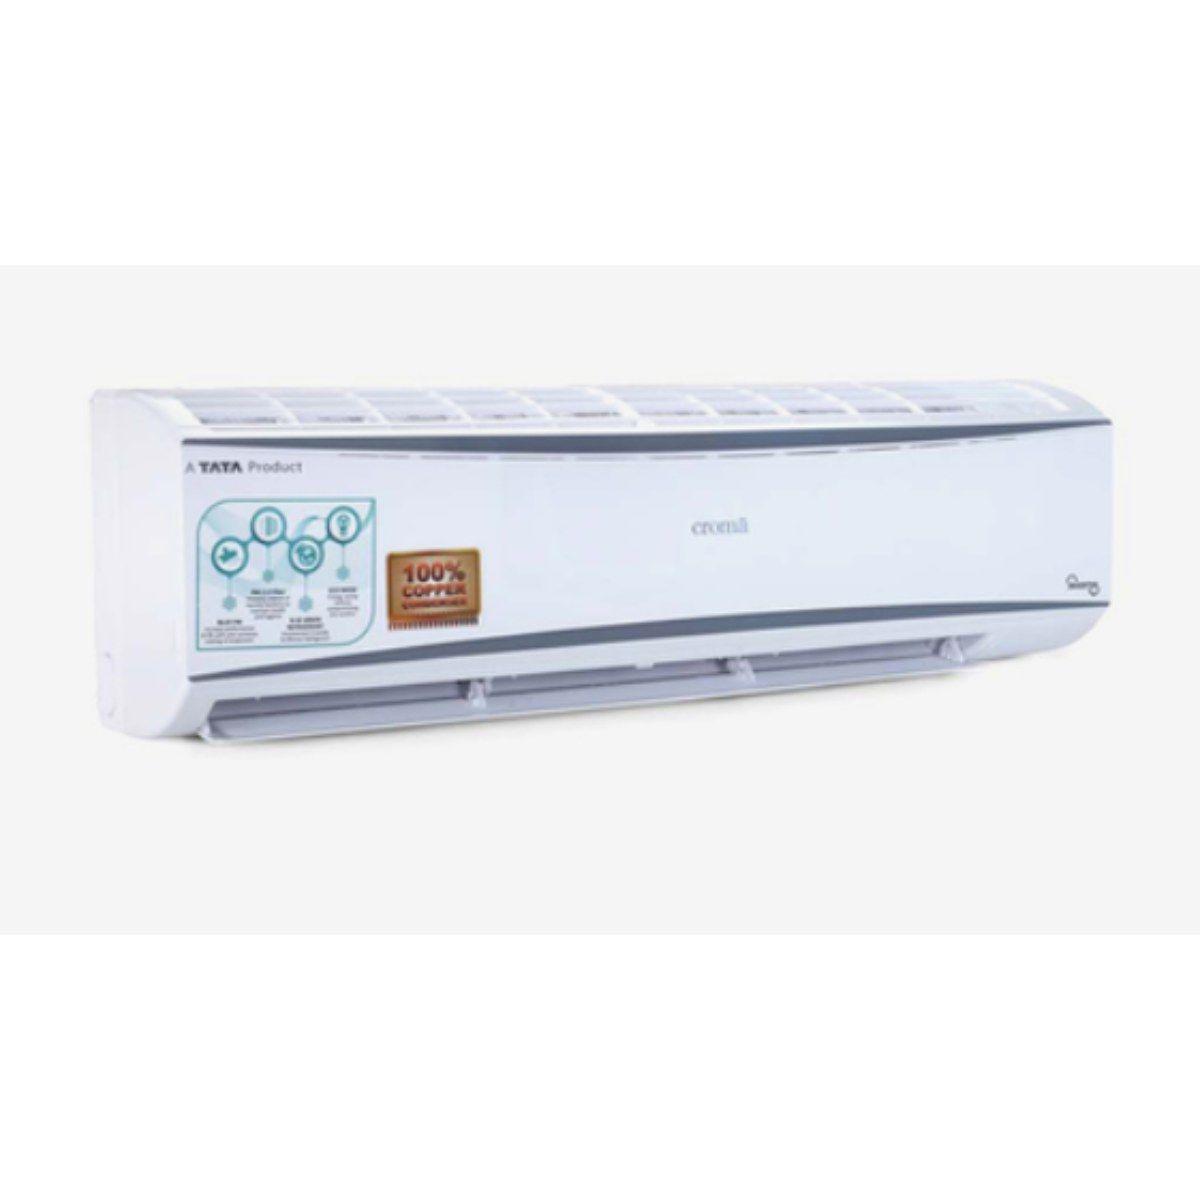 क्रोमा 2 Ton 3 Star Inverter Split Air Conditioner(CRAC7703)